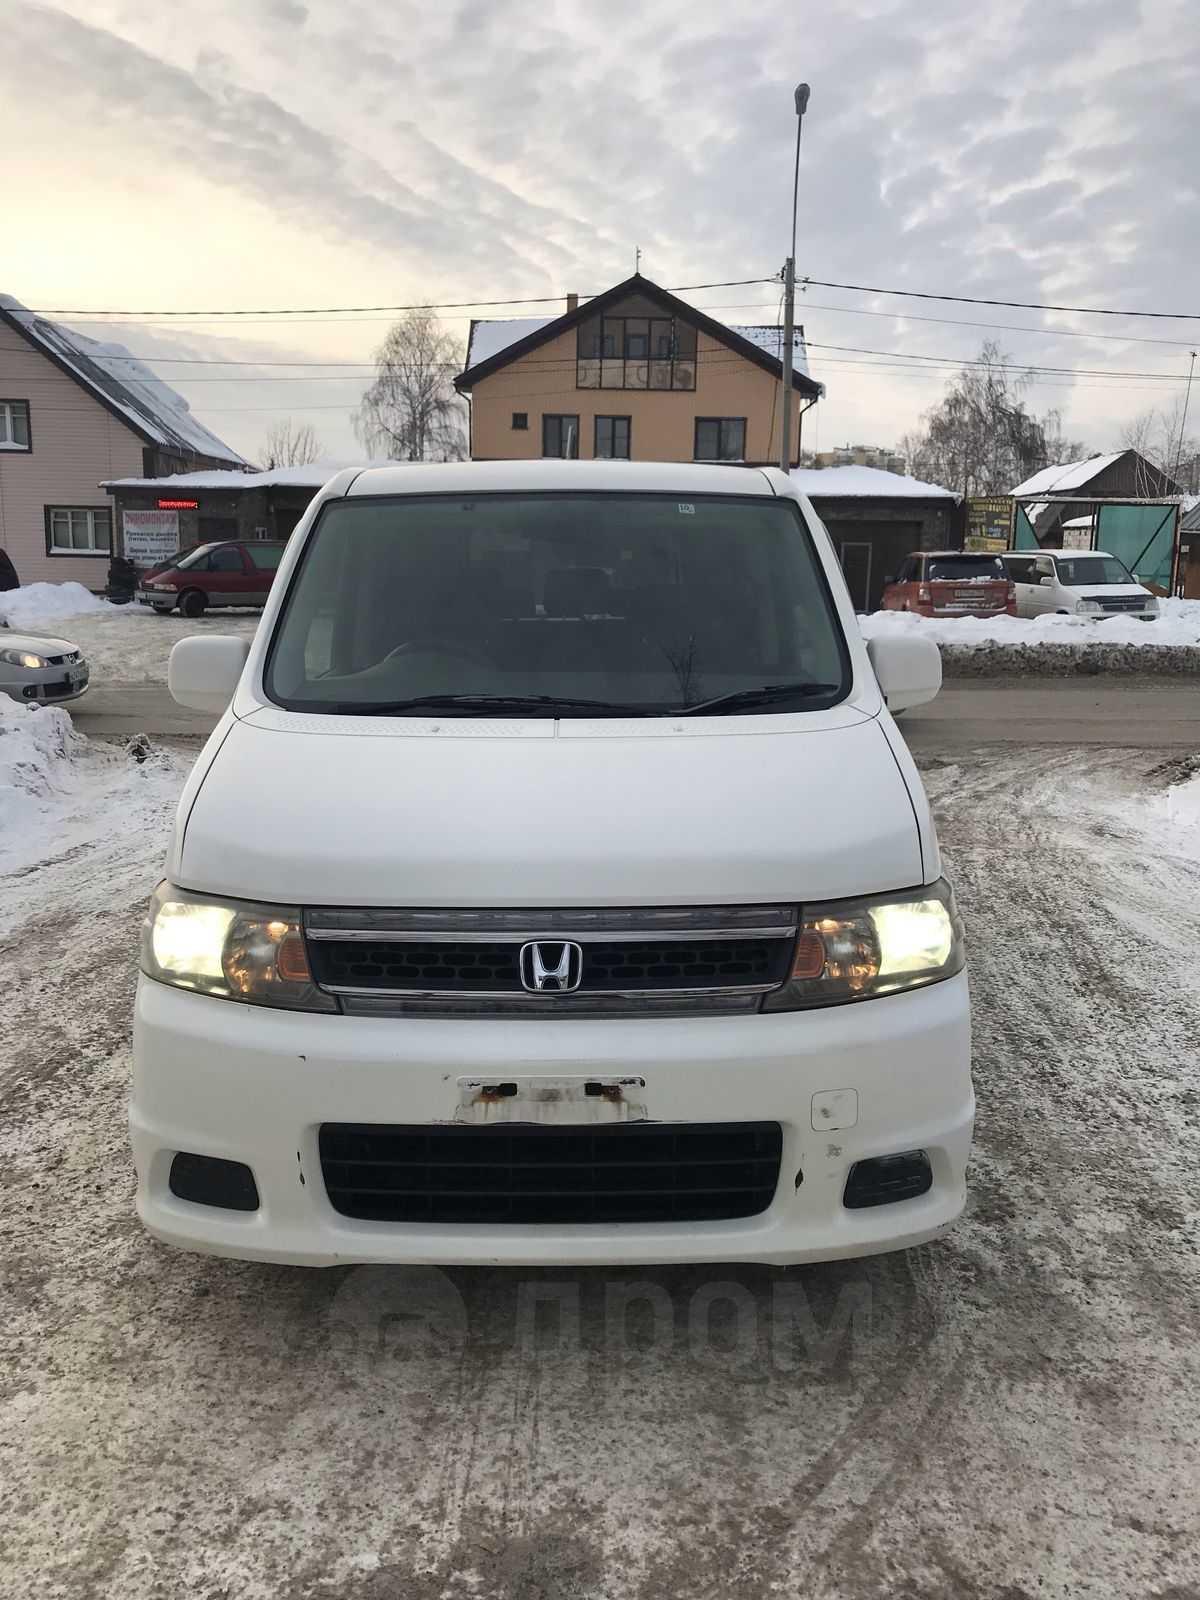 Купить авто Honda Stepwgn 2005 в Новосибирске, машина привезена из Японии не распил не карпил ...